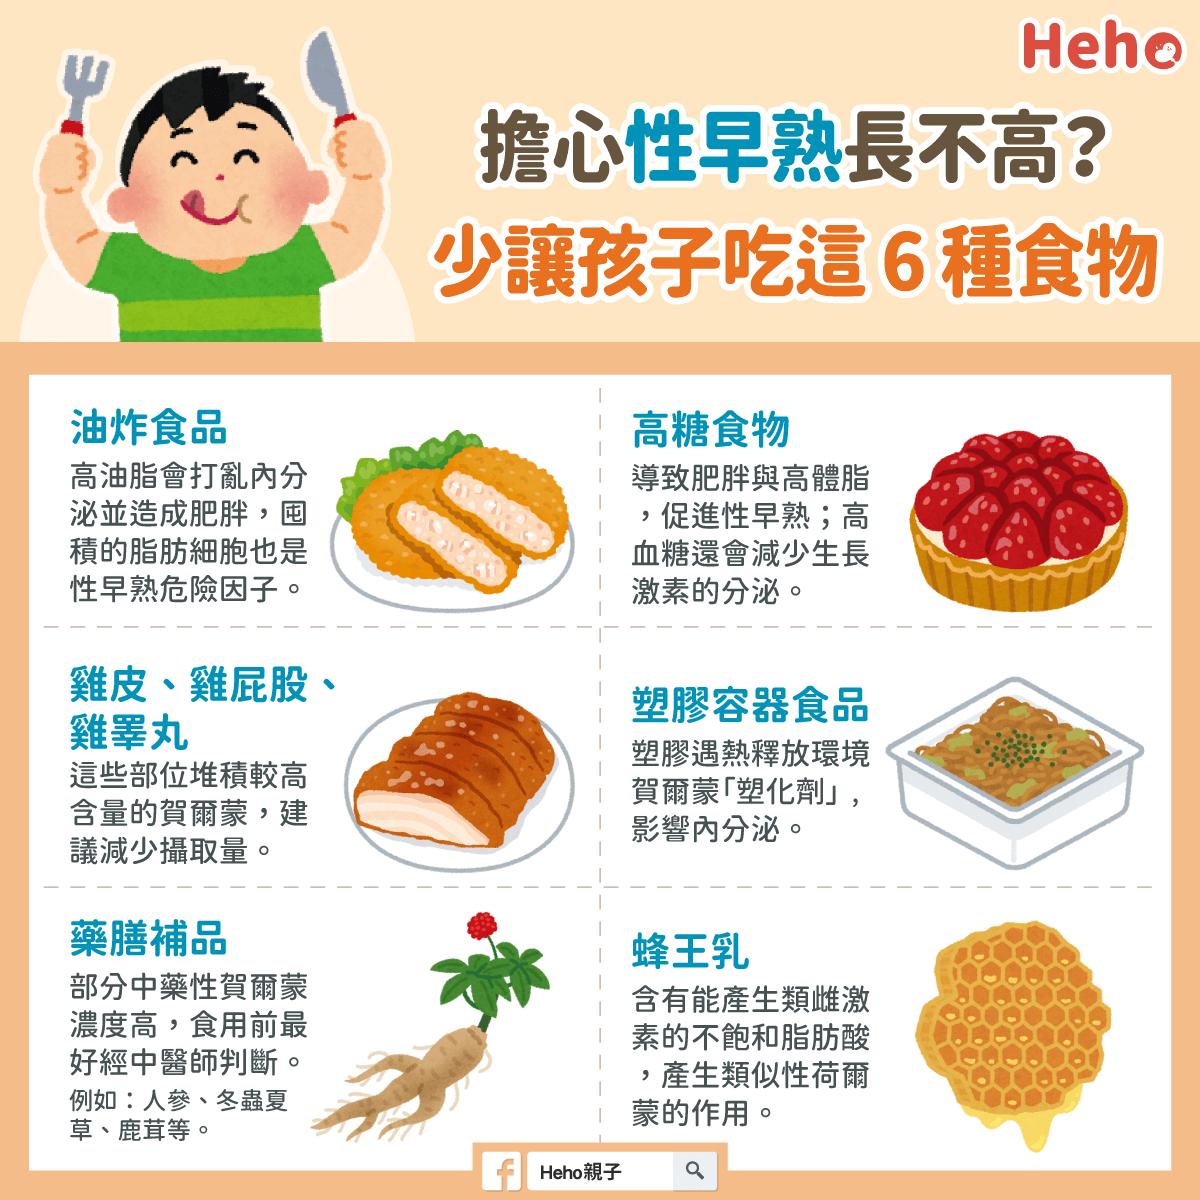 圖解_擔心性早熟長不高,少讓孩子吃-6-種食物